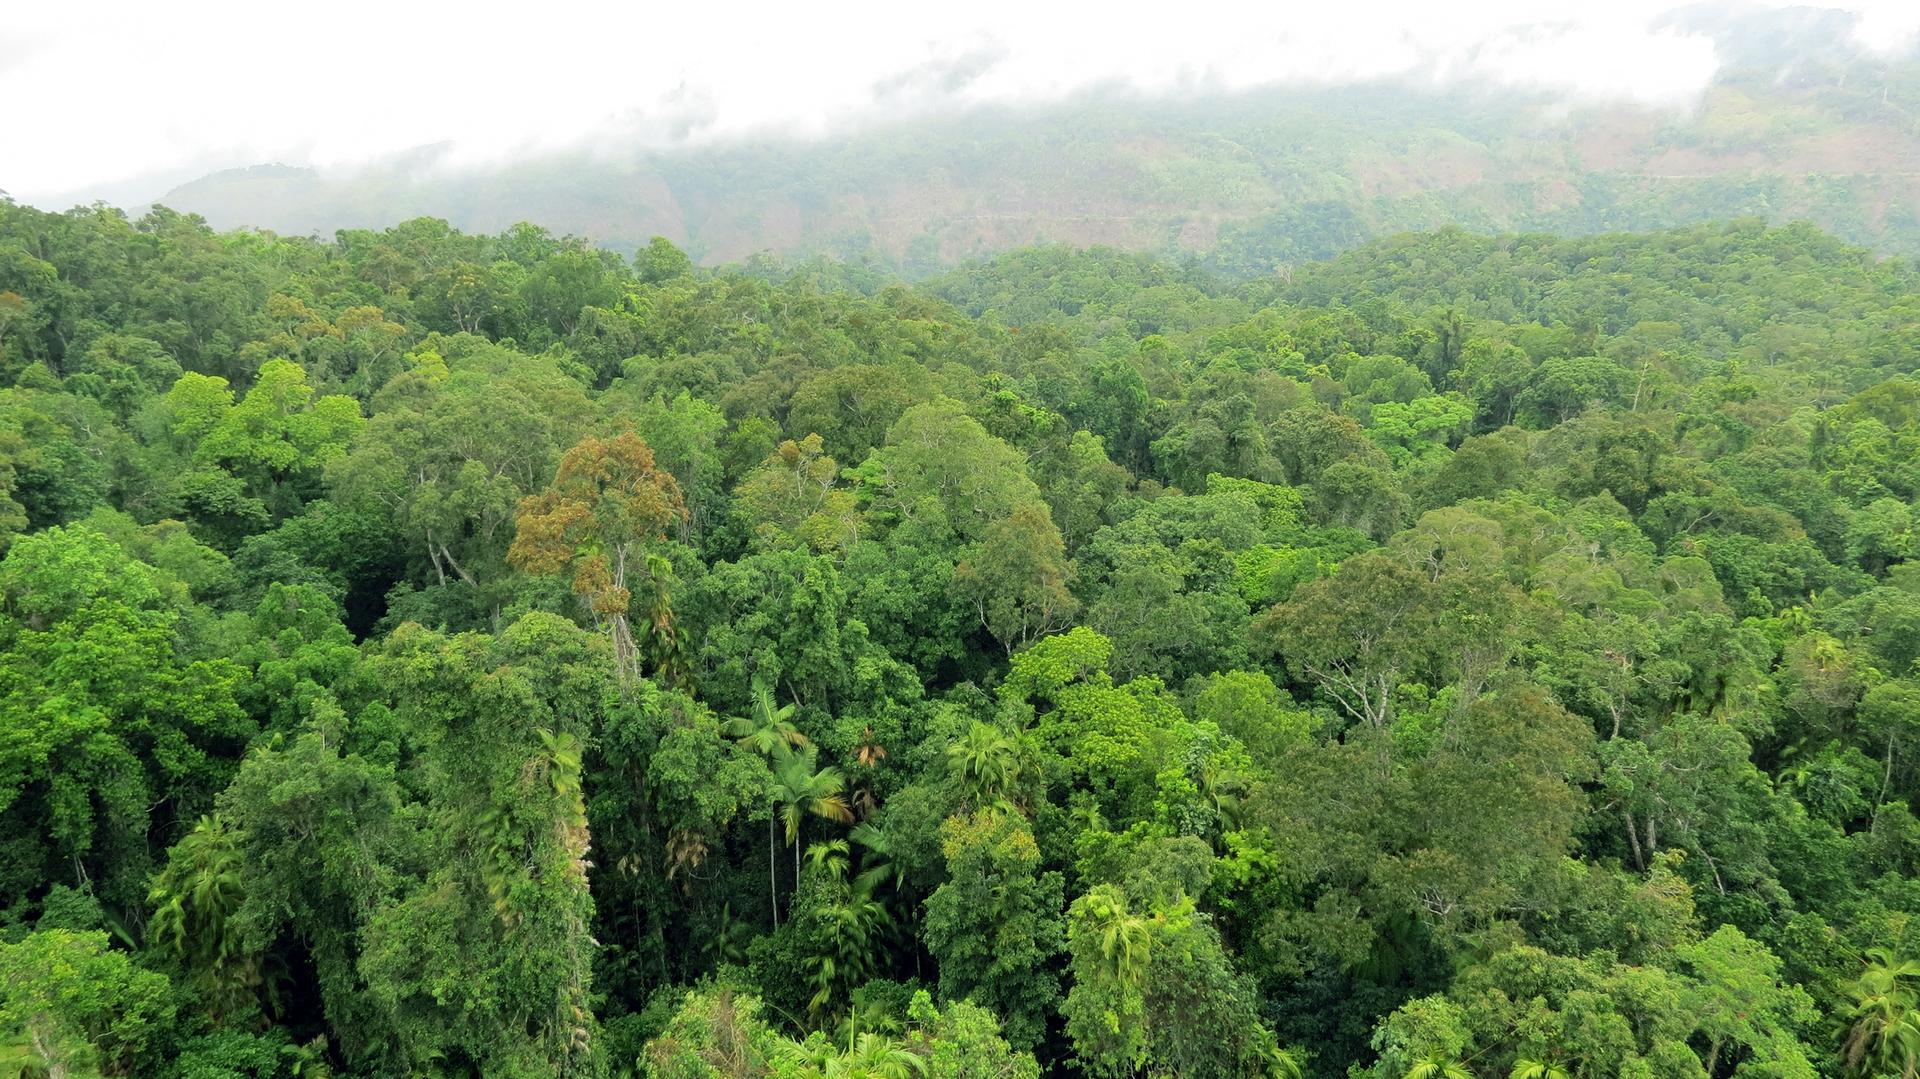 Galeria prezentuje fotografie wykonane na poszczególnych piętrach lasu równikowego. Fotografia pierwsza prezentuje najwyższego piętro lasu równikowego, które stanowią pojedyncze najwyższe korony drzew wystające ponad resztę lasu.